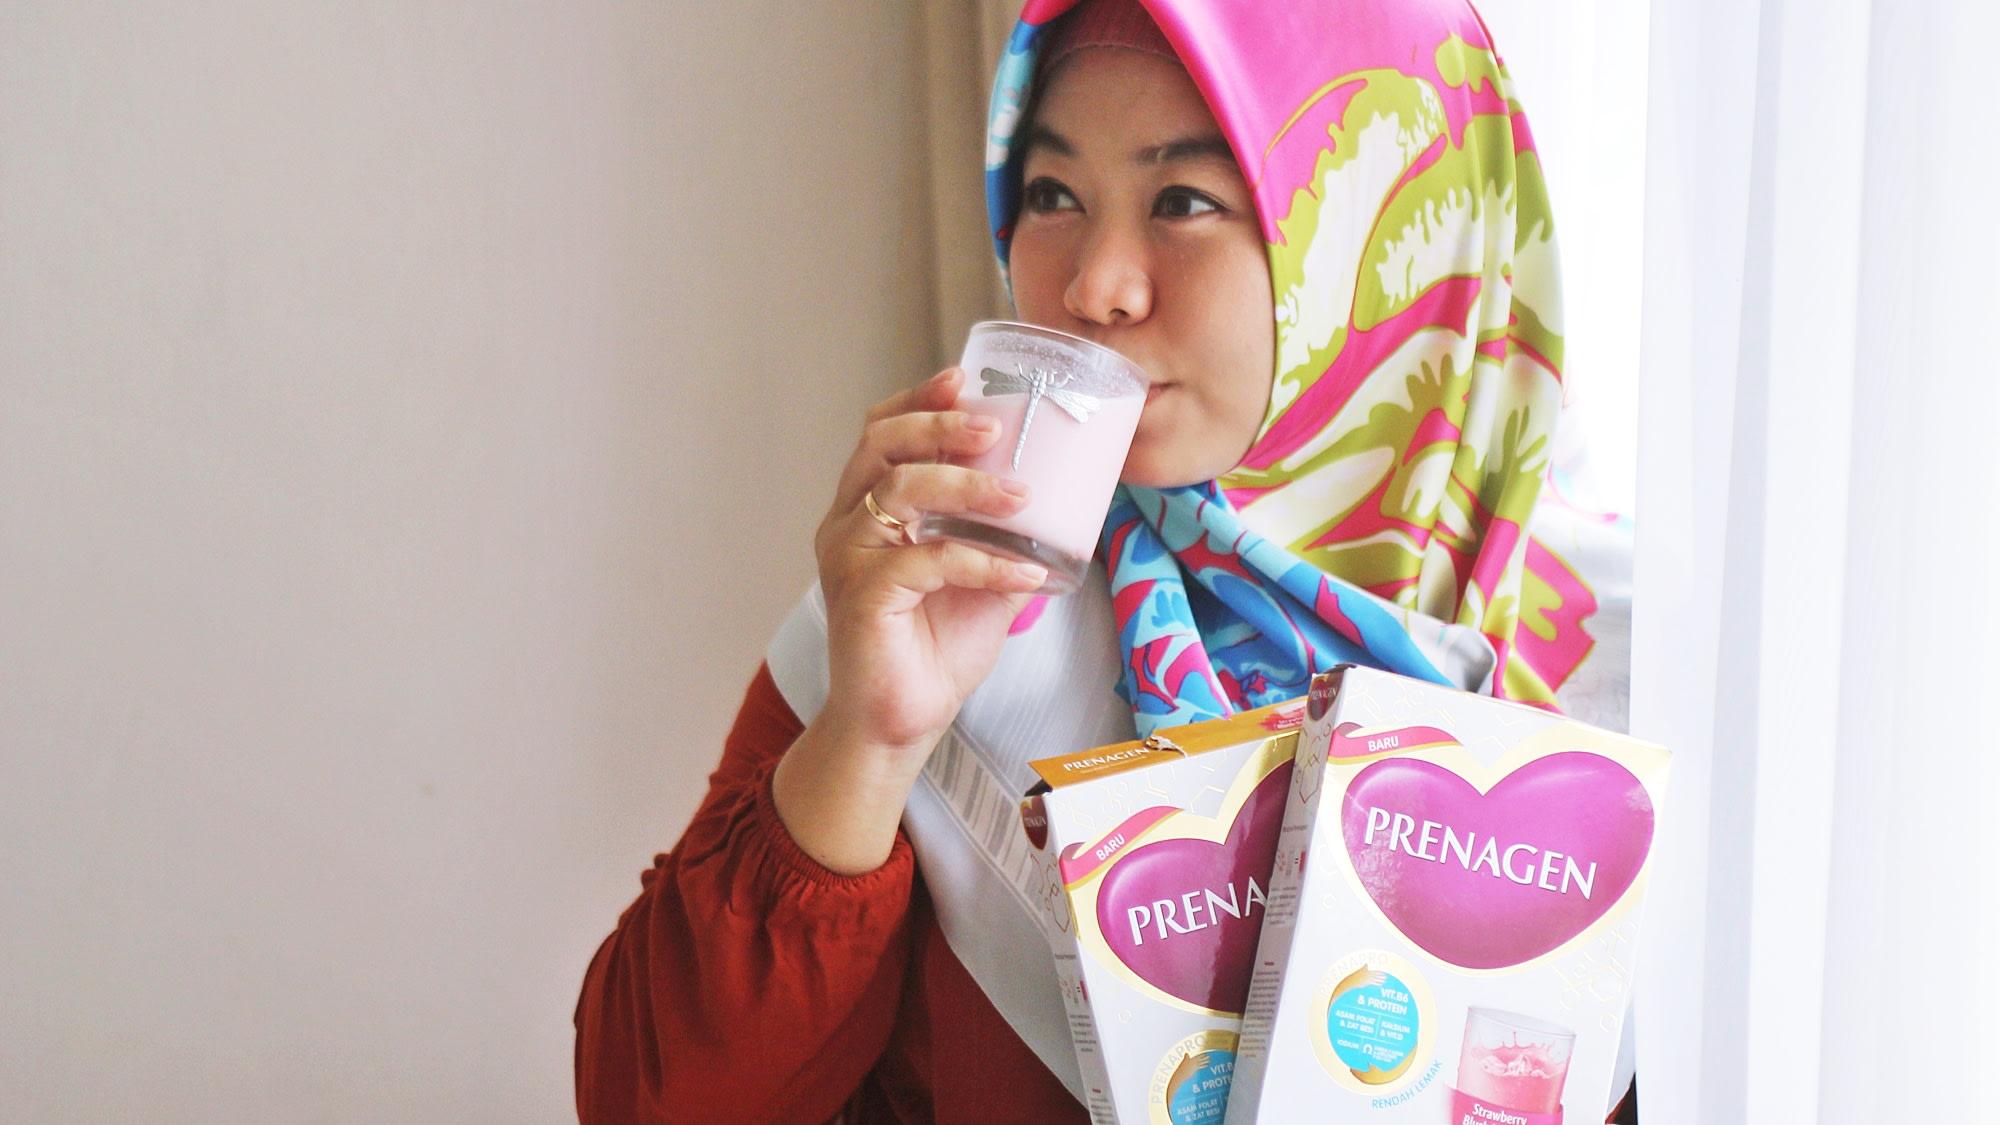 Prenagen Yogurt